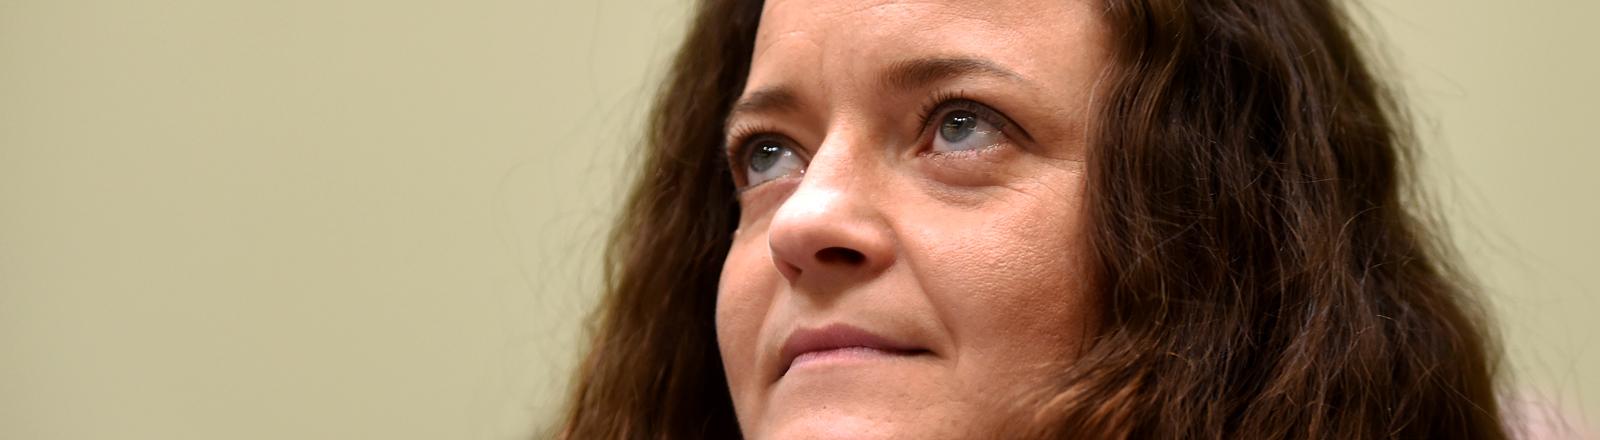 Porträtbild Beate Zschäpe, Hauptangeklagte im NSU-Prozess.